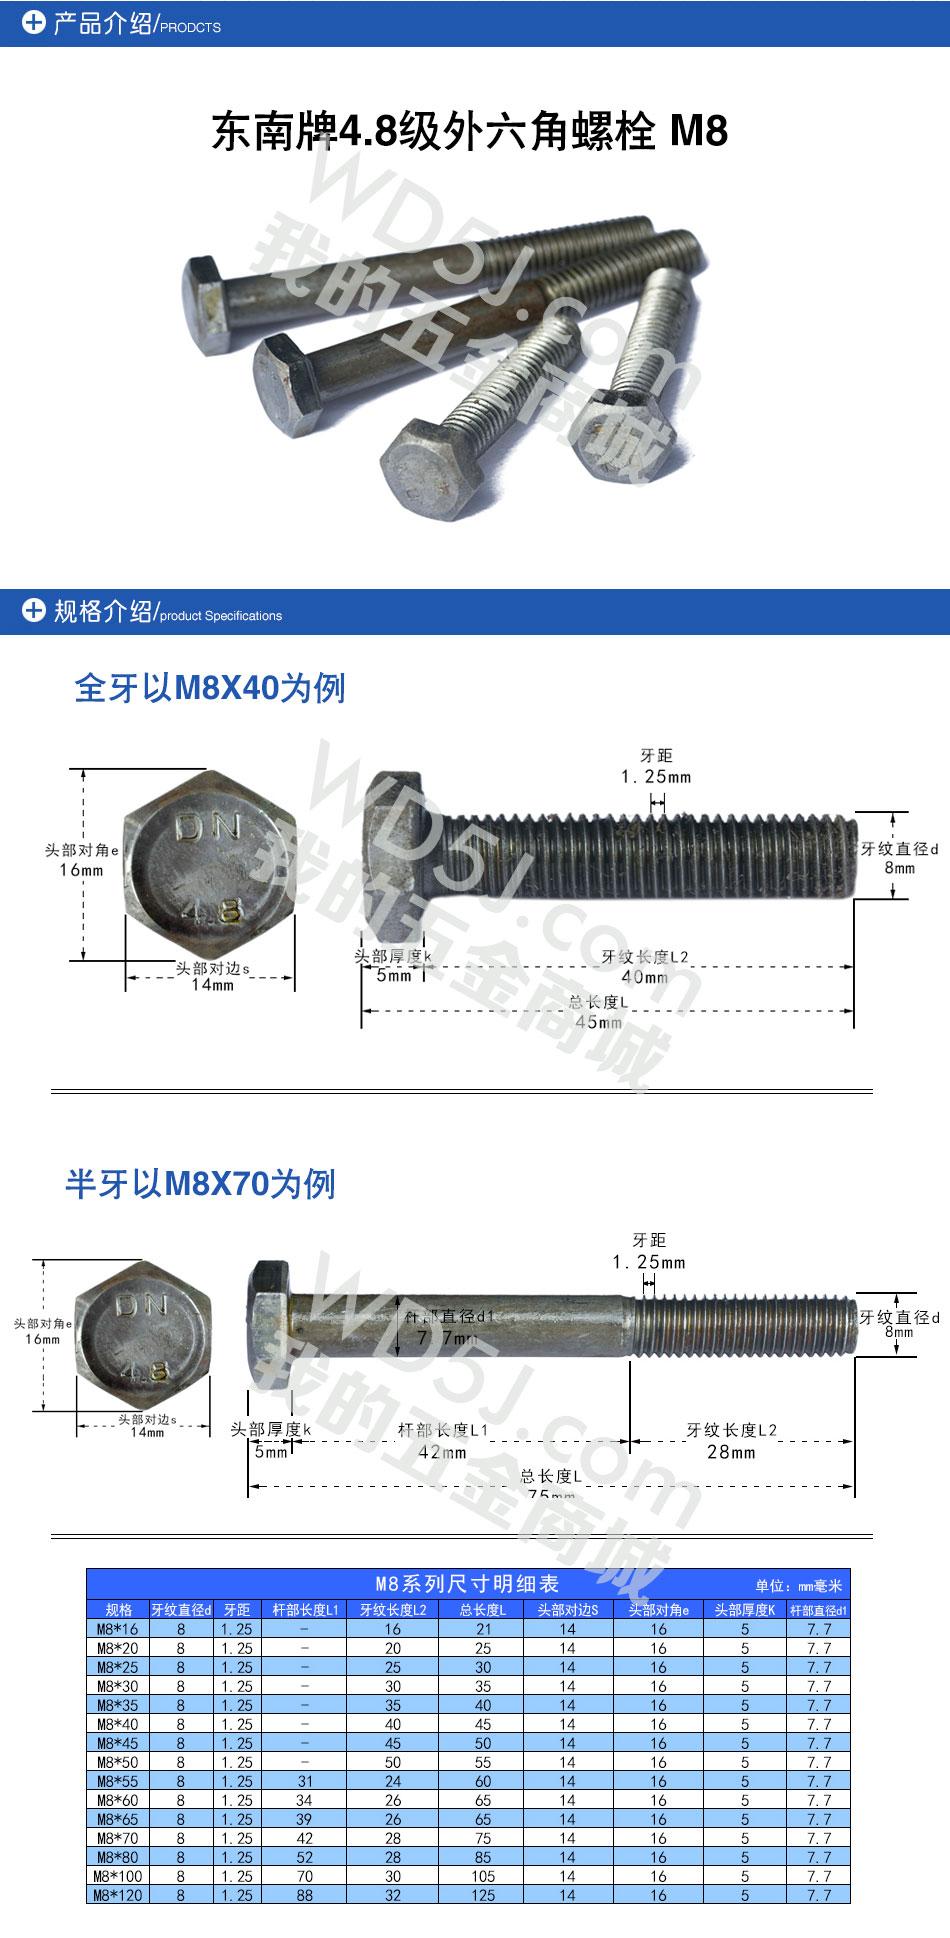 8-8级外六角螺栓-M8-大力牌_02.jpg